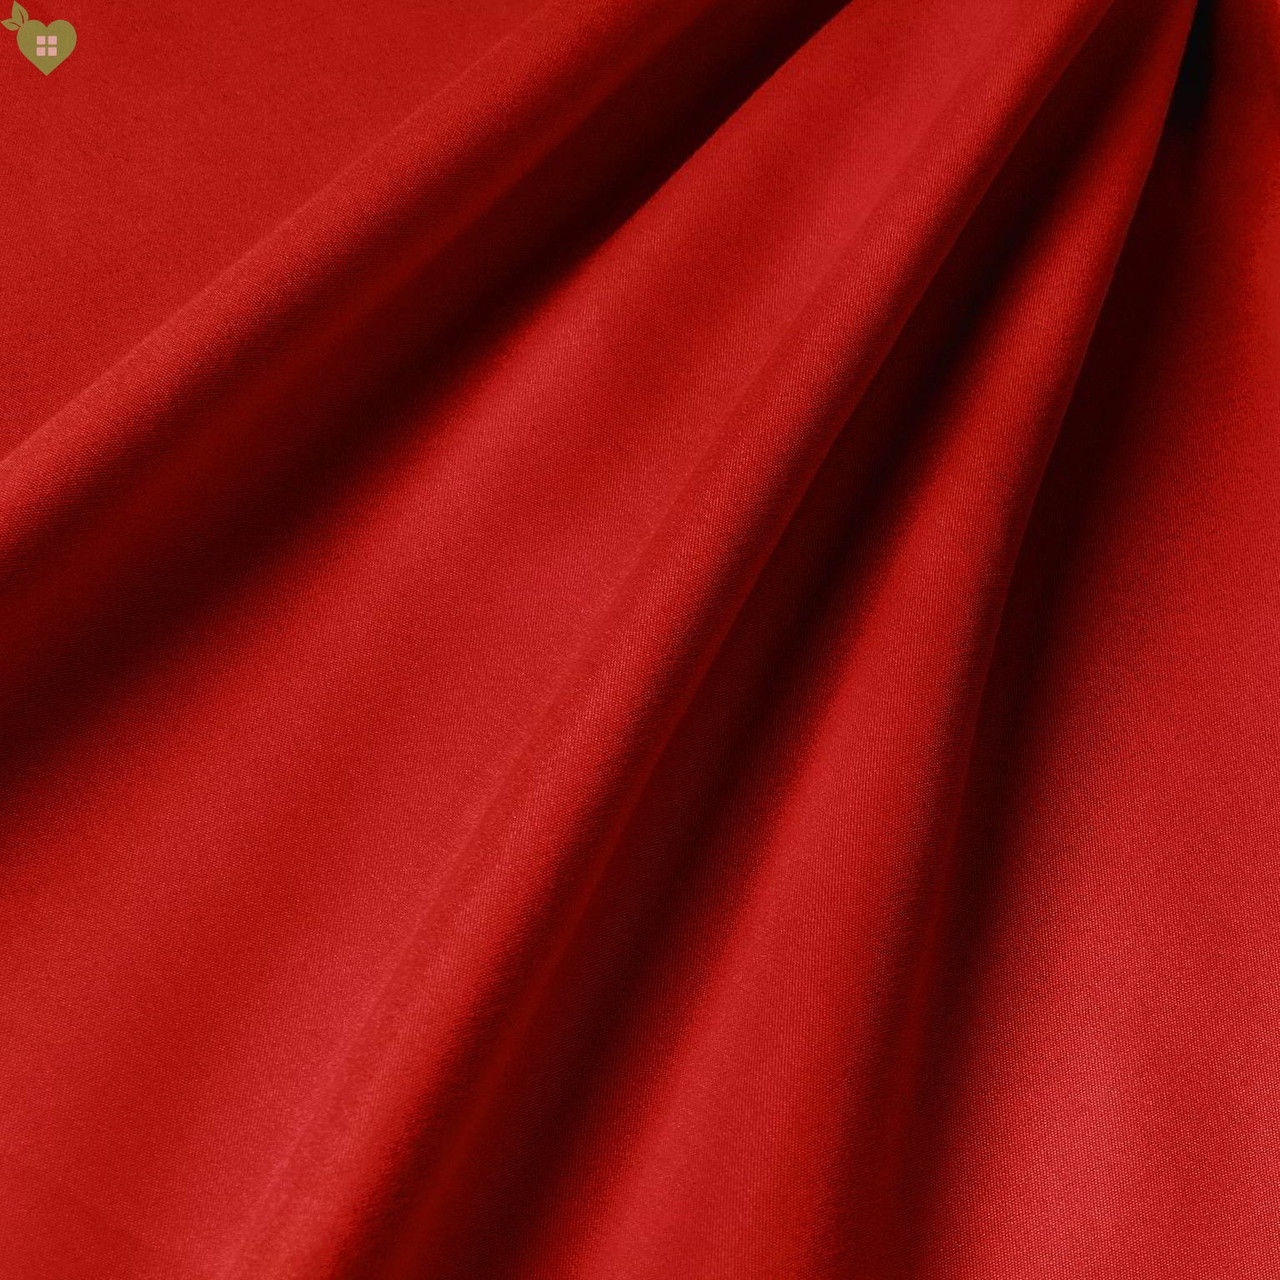 Підкладкова тканина персикова фактура люмінесцентно-червона Іспанія 83314v17